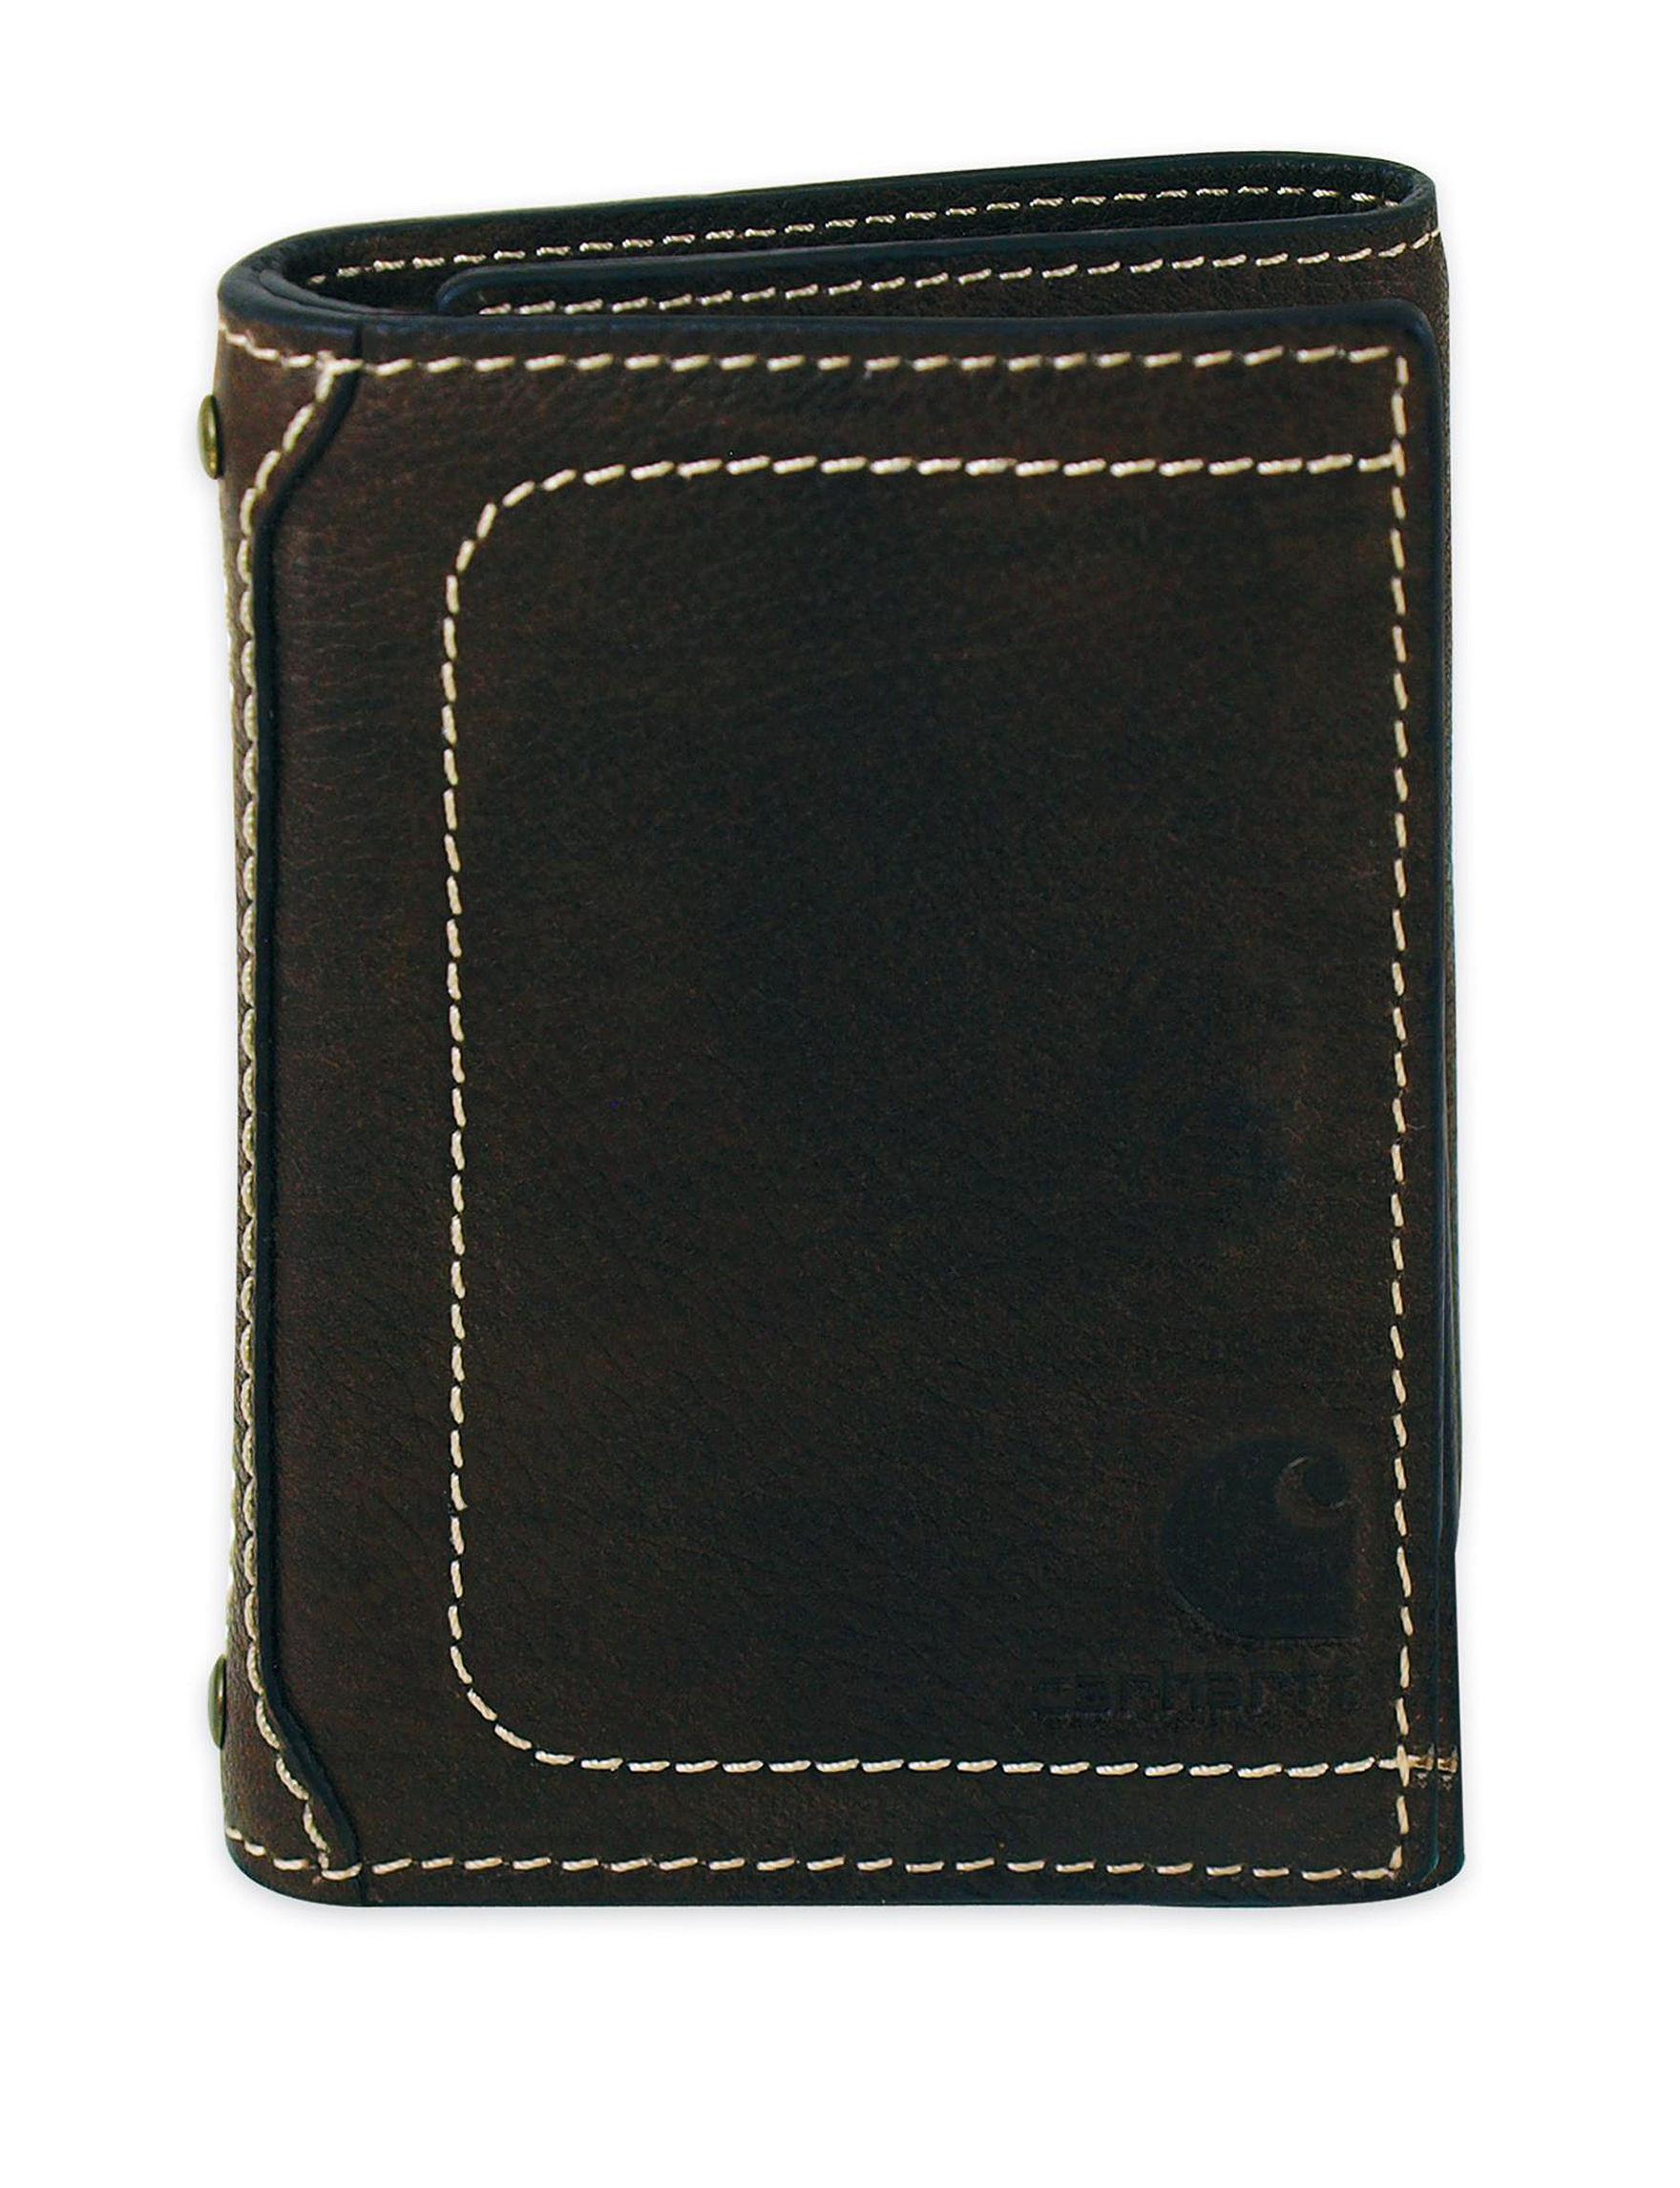 Carhartt Brown Tri-fold Wallets